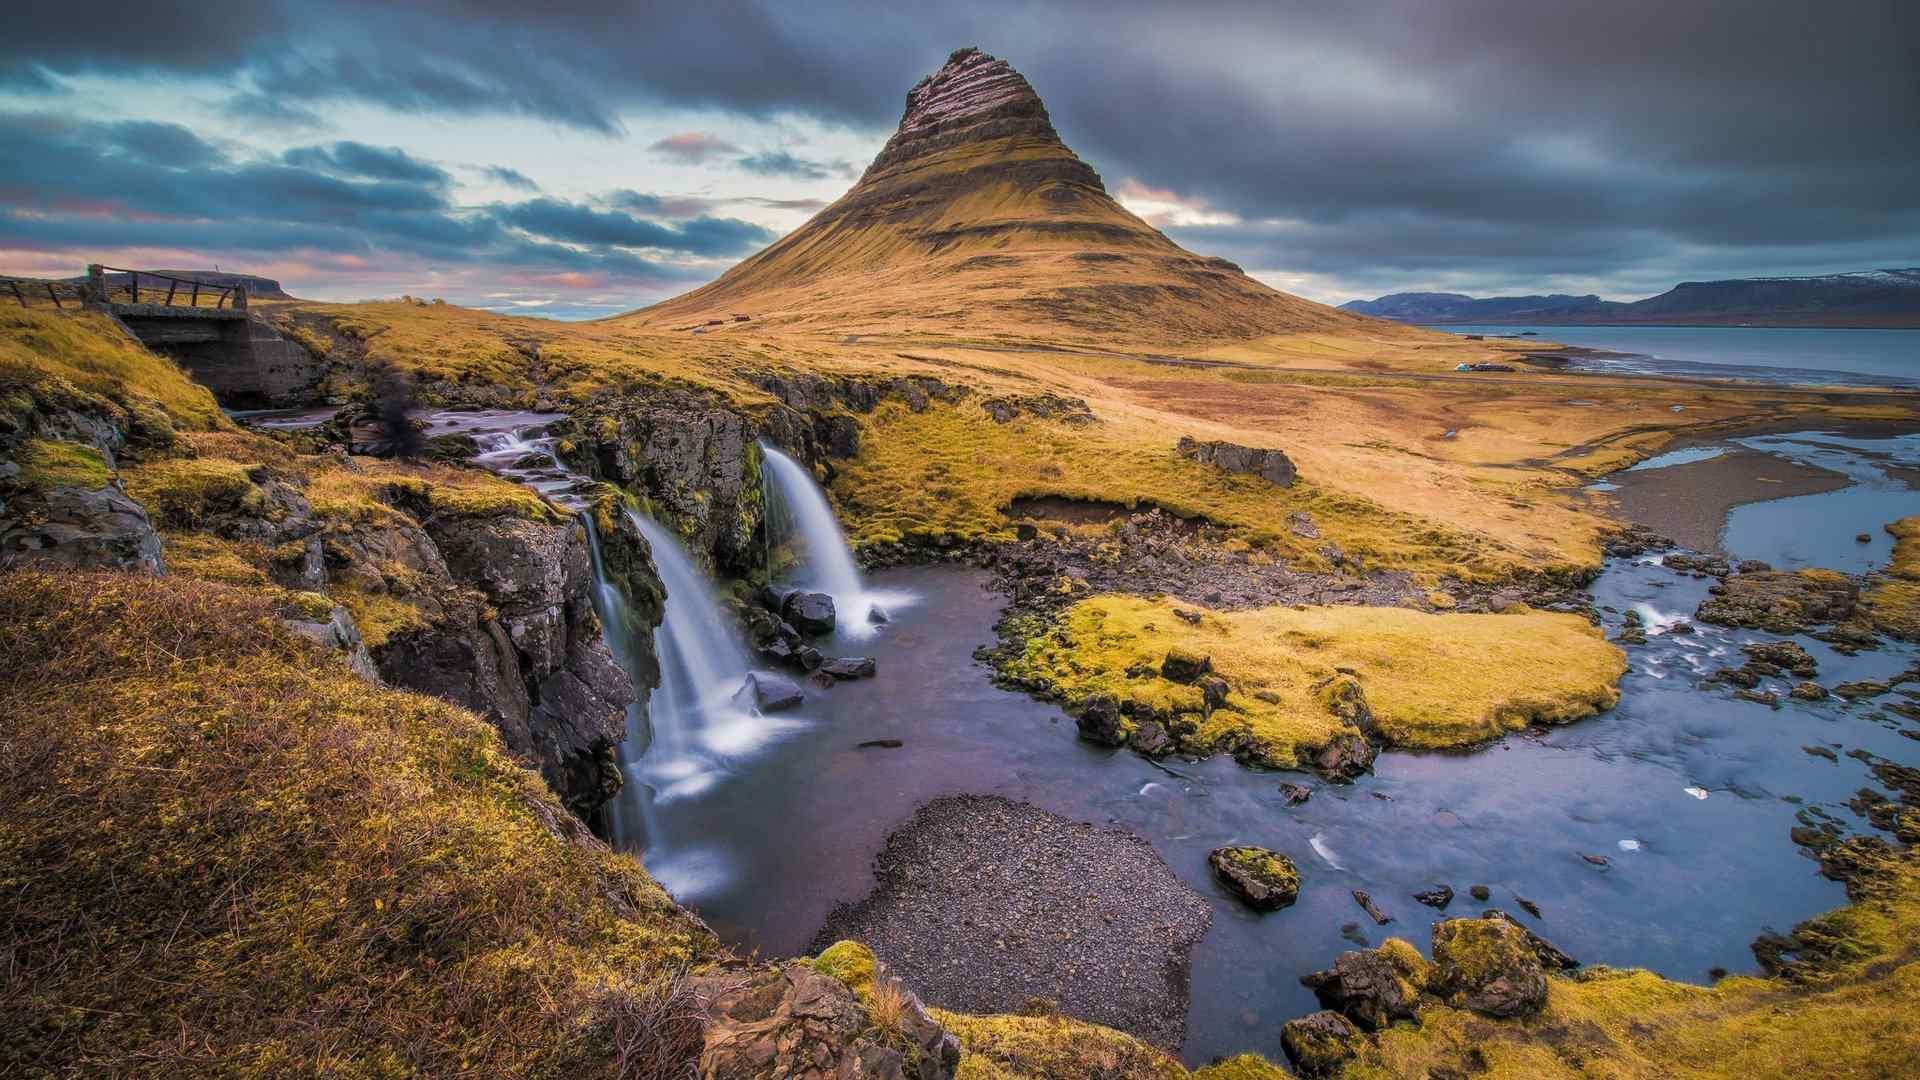 神奇的冰岛基尔丘山风景图片壁纸 -桌面天下(desktx.